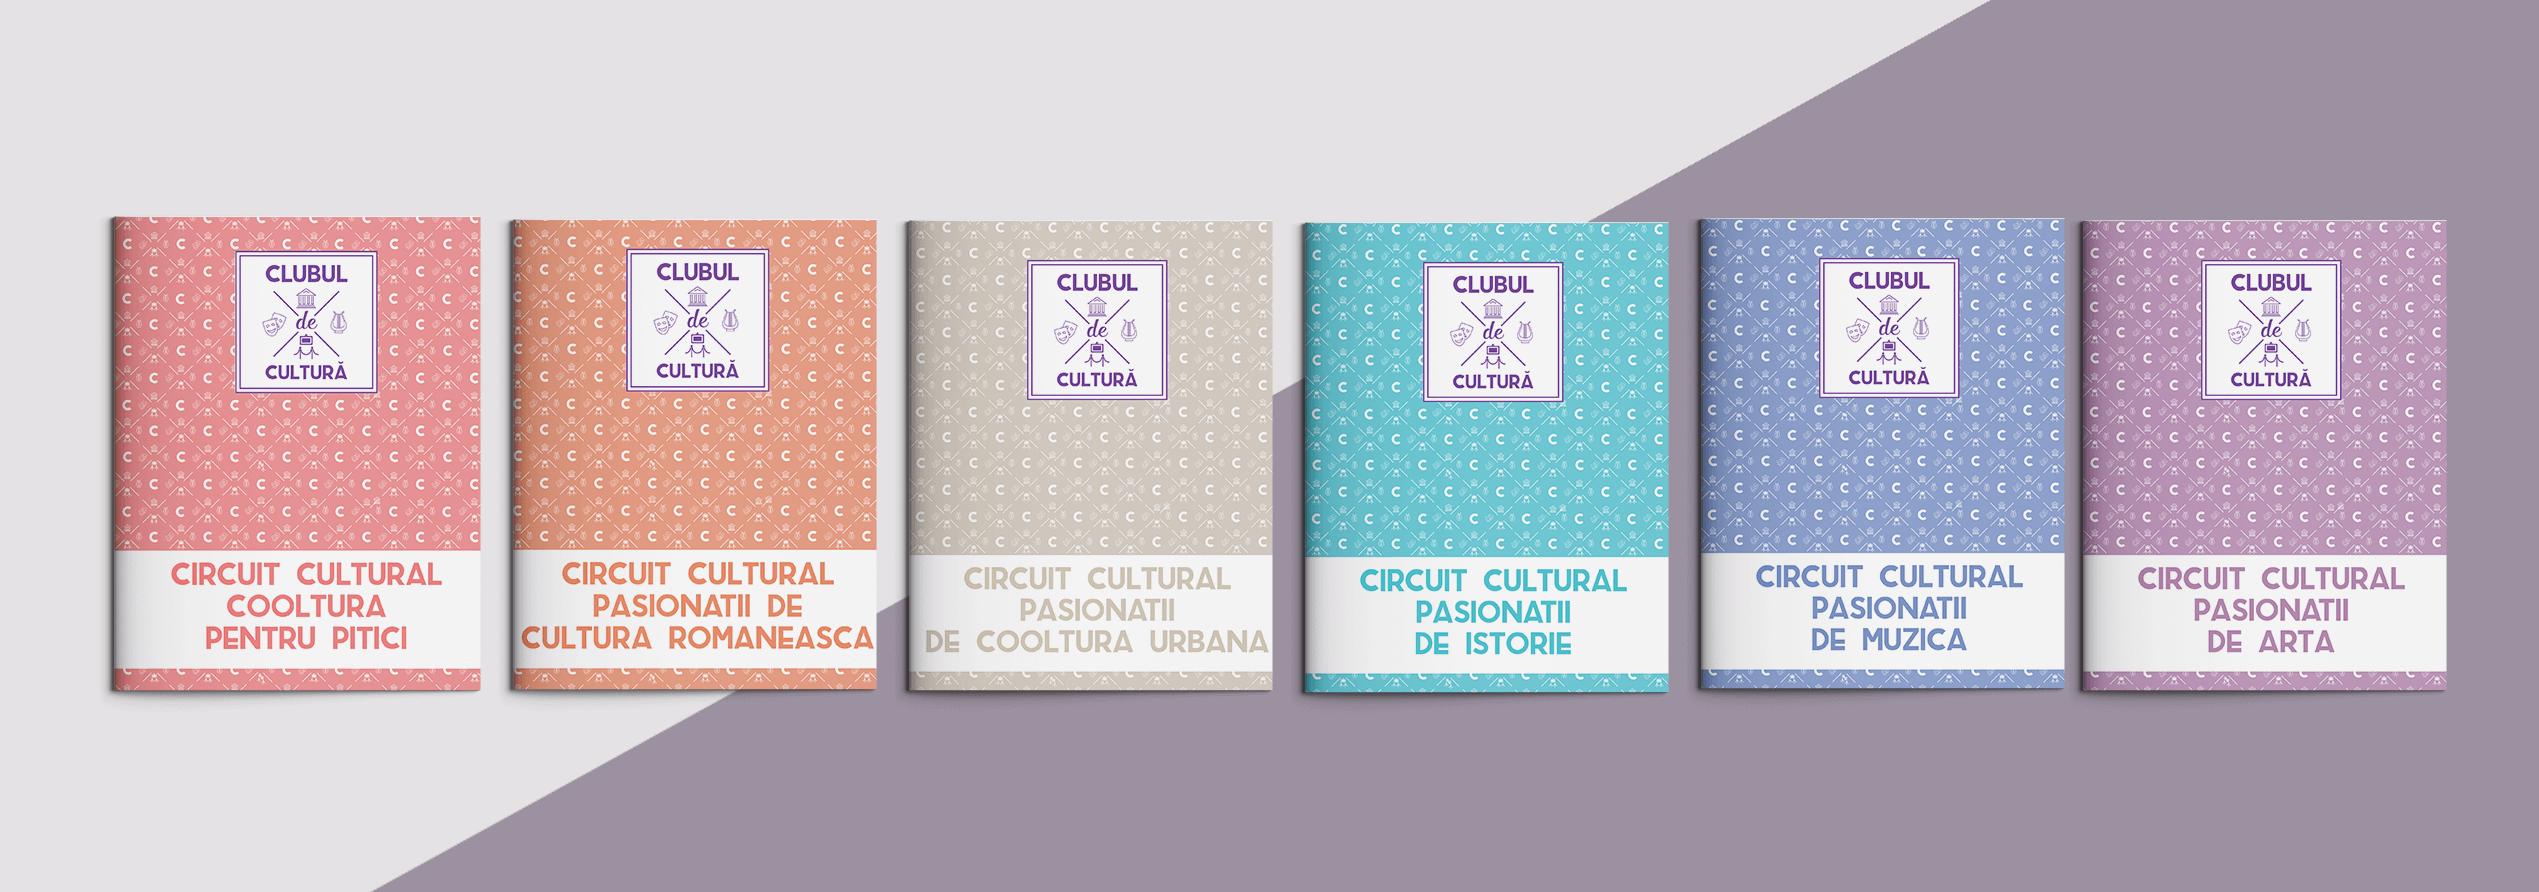 Clubul de Cultura folders